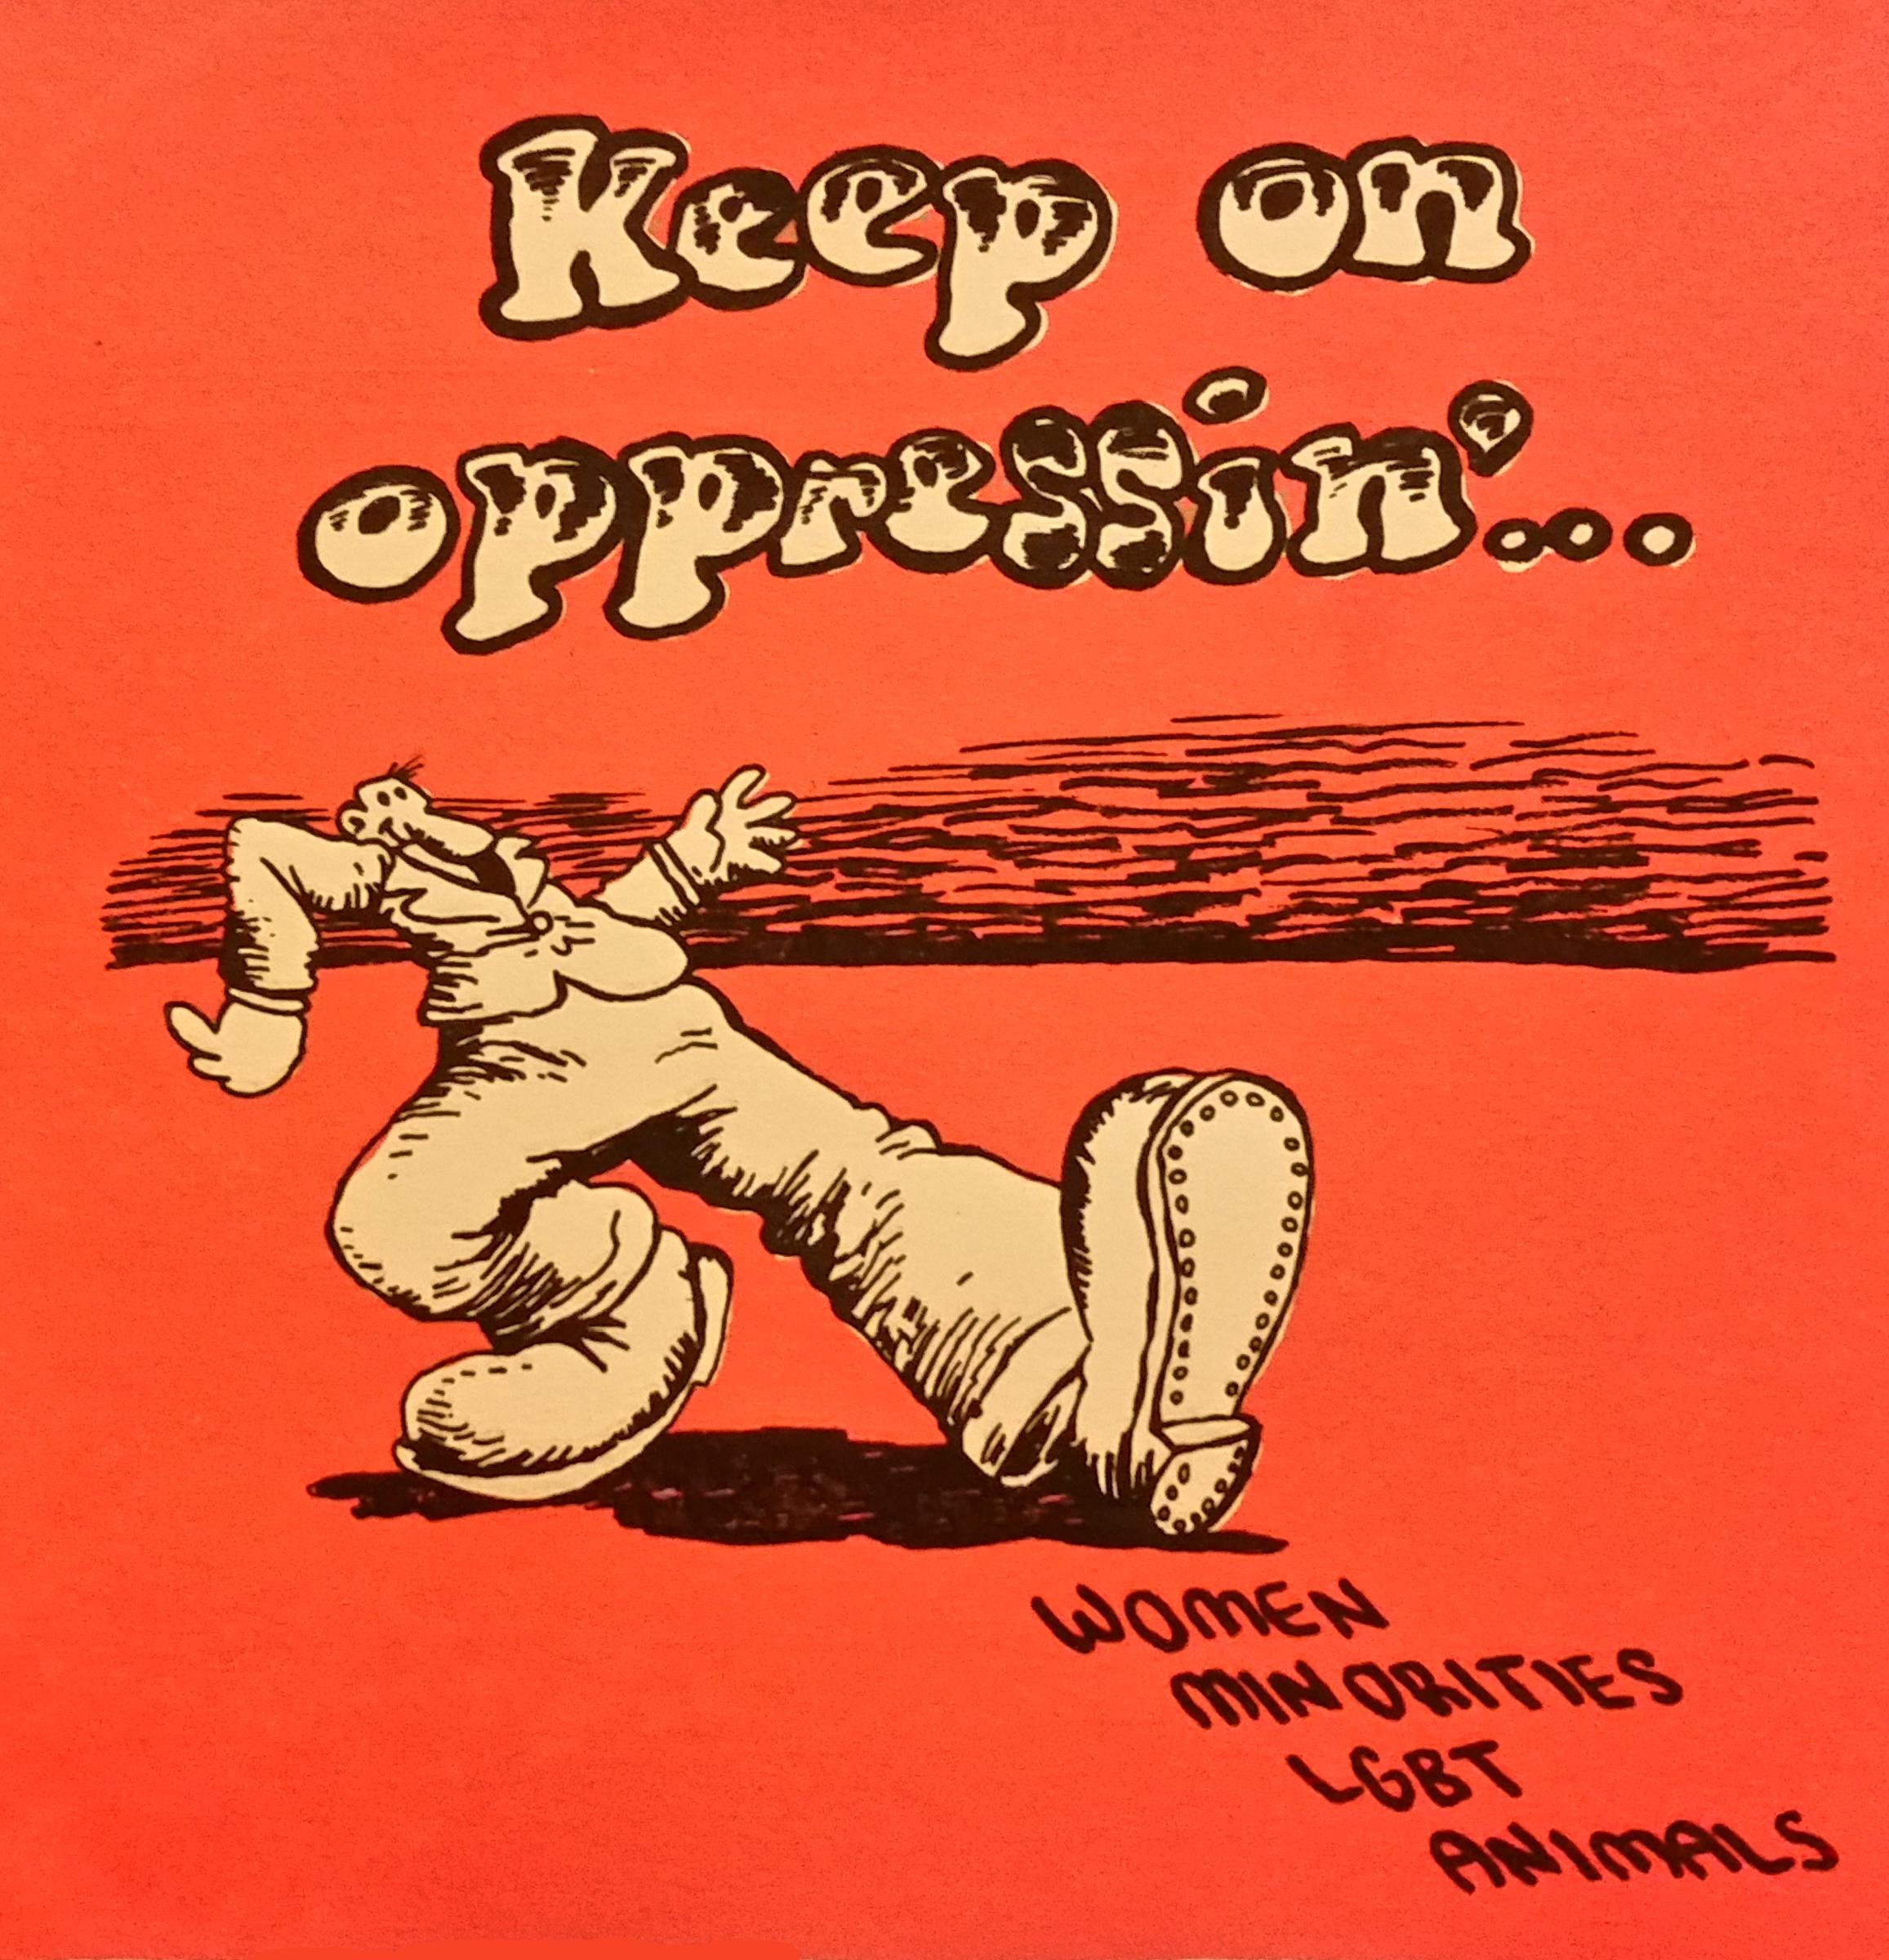 """""""Keep On Opressin'"""" (2015)"""